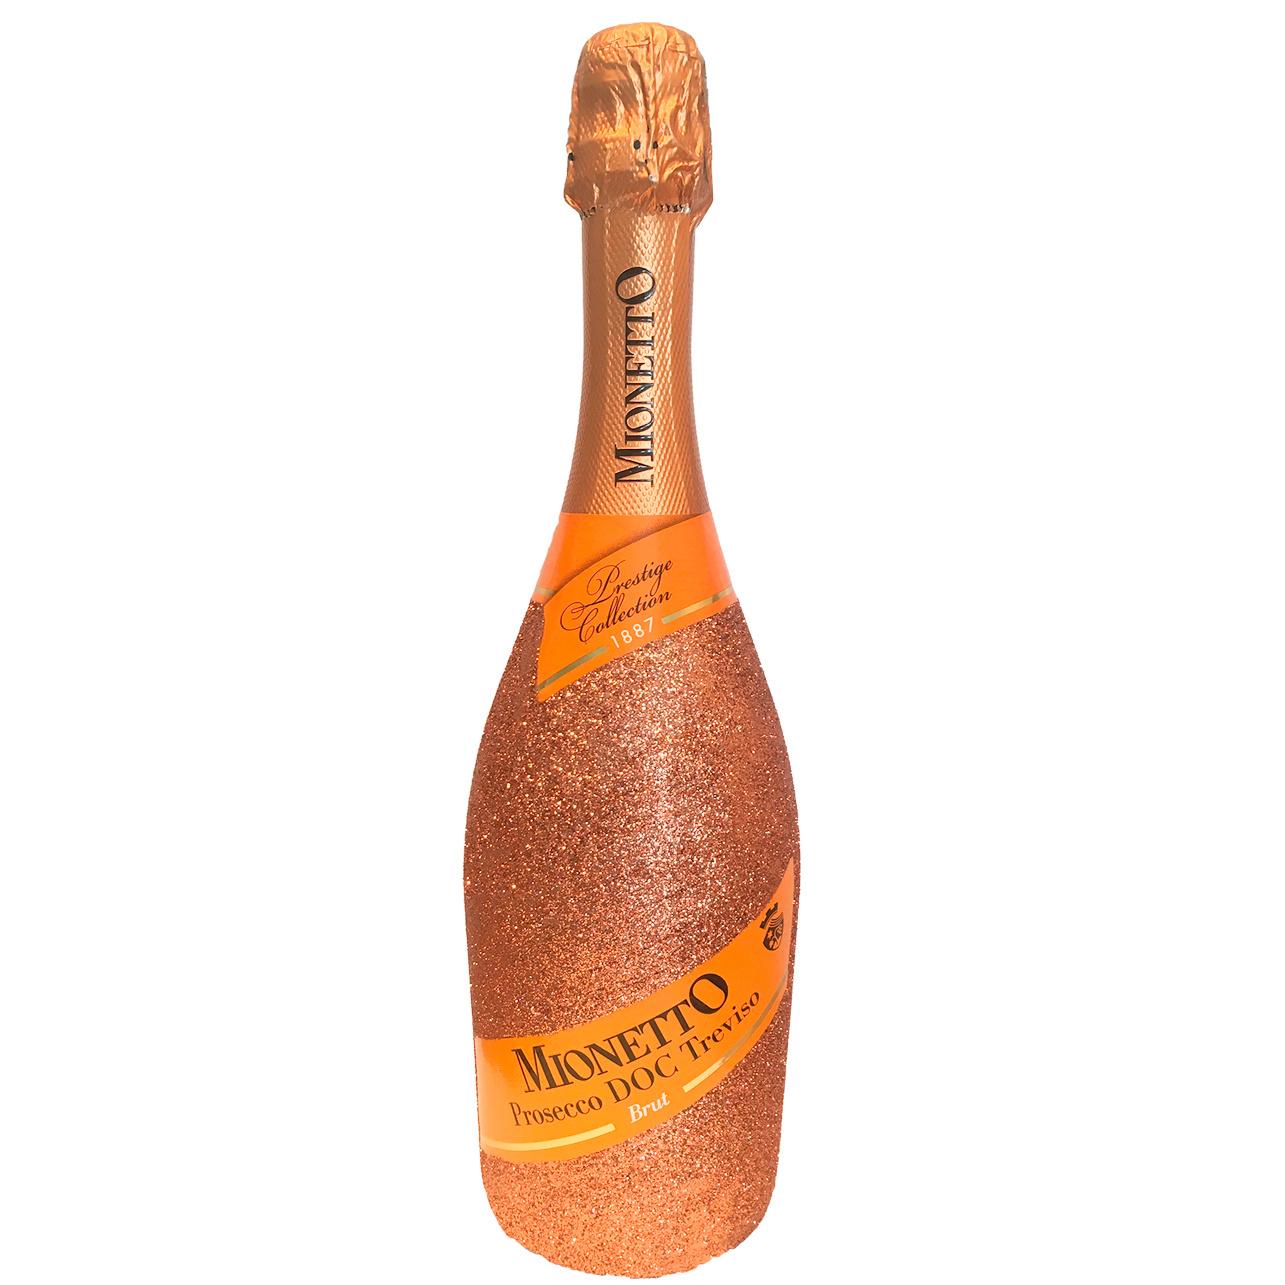 Champagner & Secco Glitzer Mionetto Prosecco Spumante DOC (0,75l)